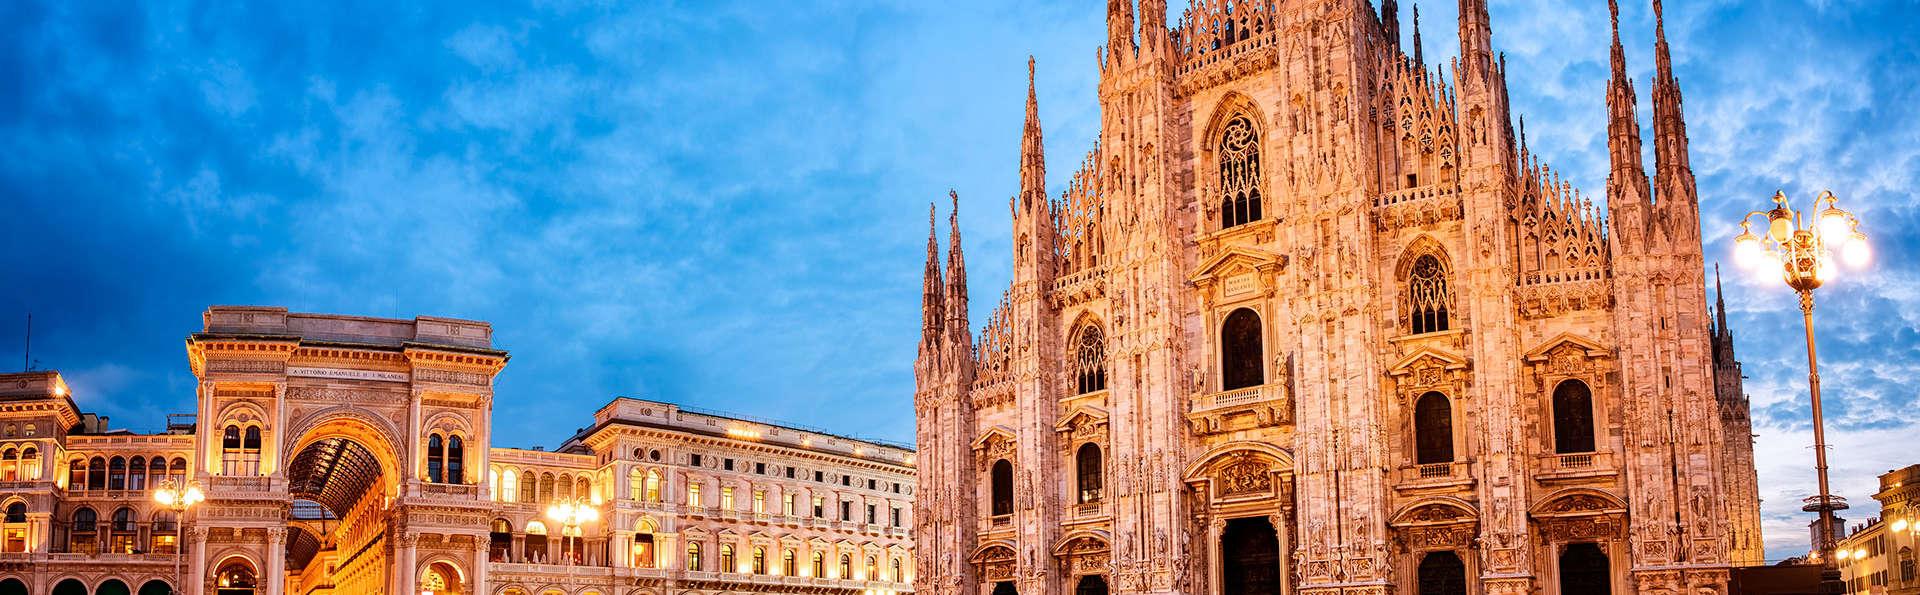 Week-end à Milan en hôtel 4 étoiles, avec petit déjeuner